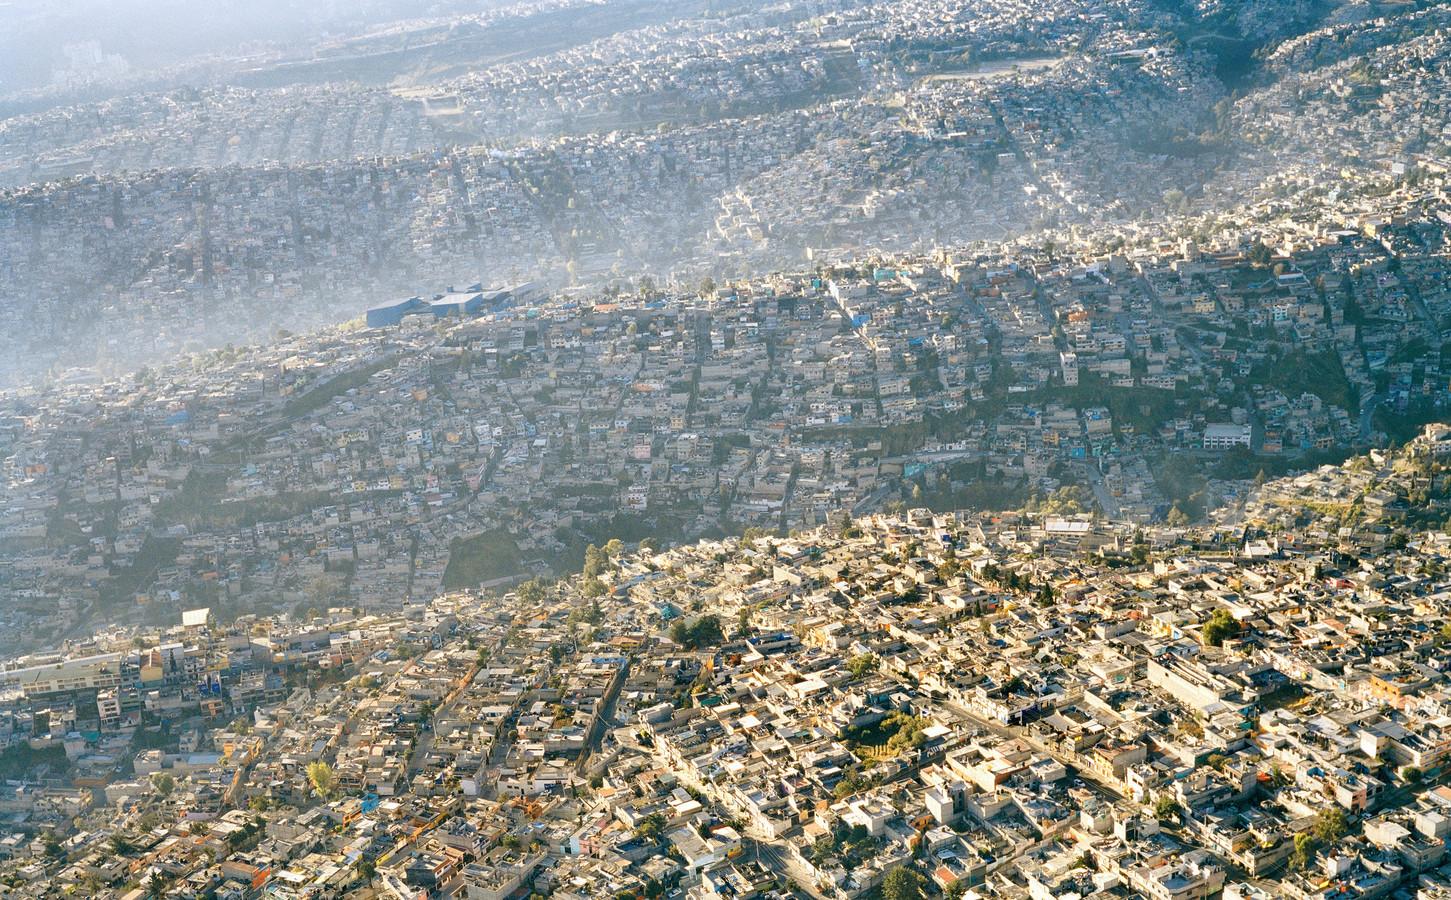 Geen ruimte meer voor groen in Mexico City.